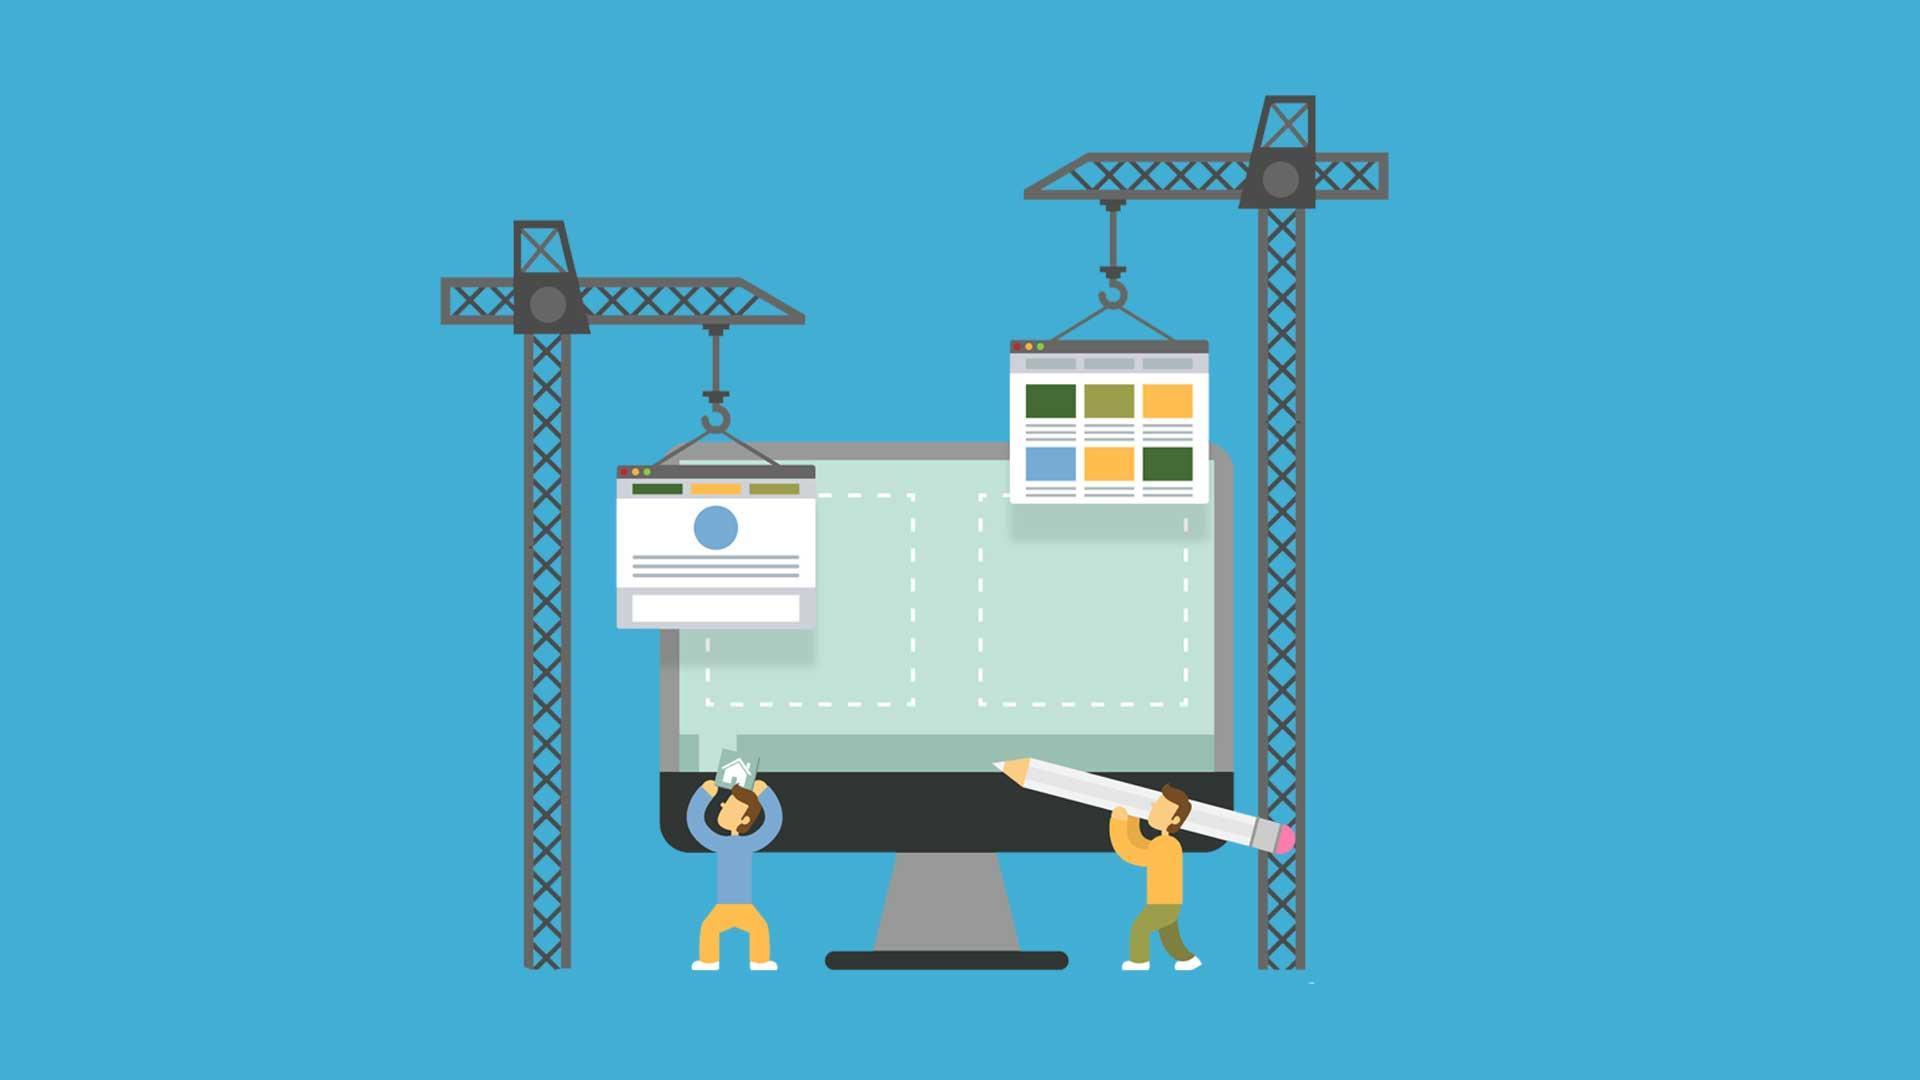 Curso de CSS3 Aula 03 - Elementos de estrutura no CSS | Curso de HTML5 Aula 13